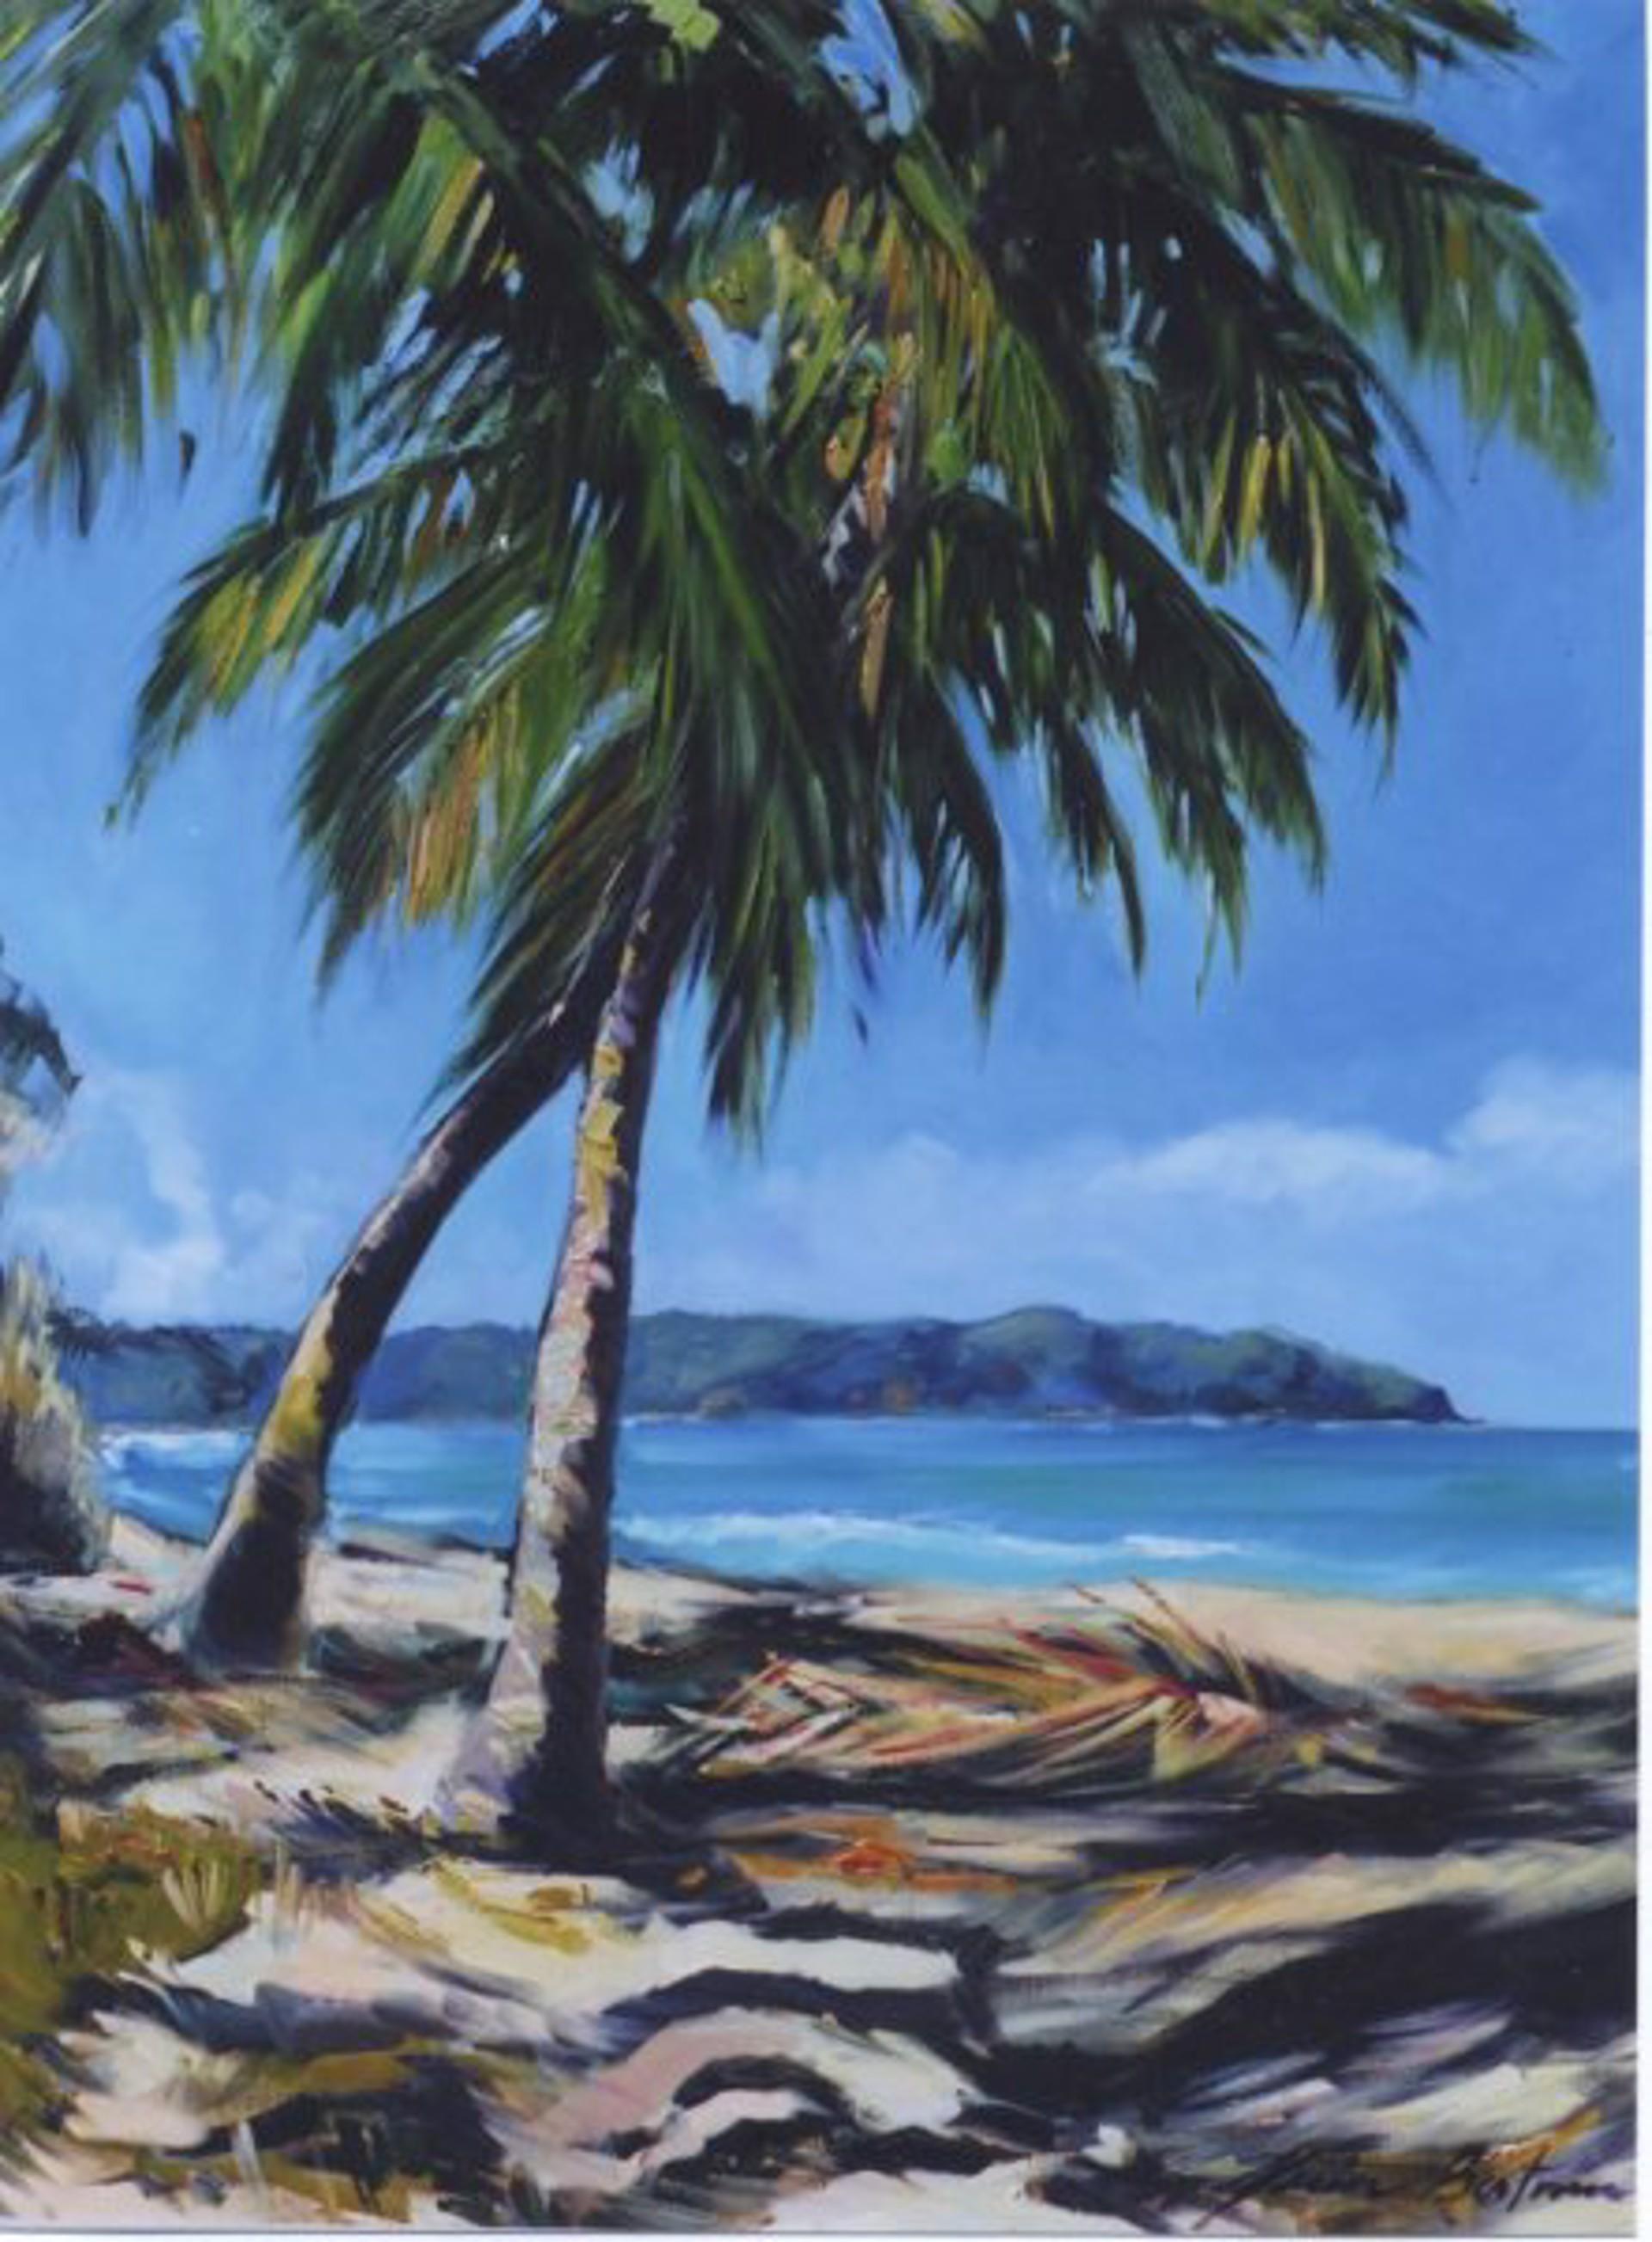 Bertran: Pacific Paradise (Sayulita) by Maria Bertrán